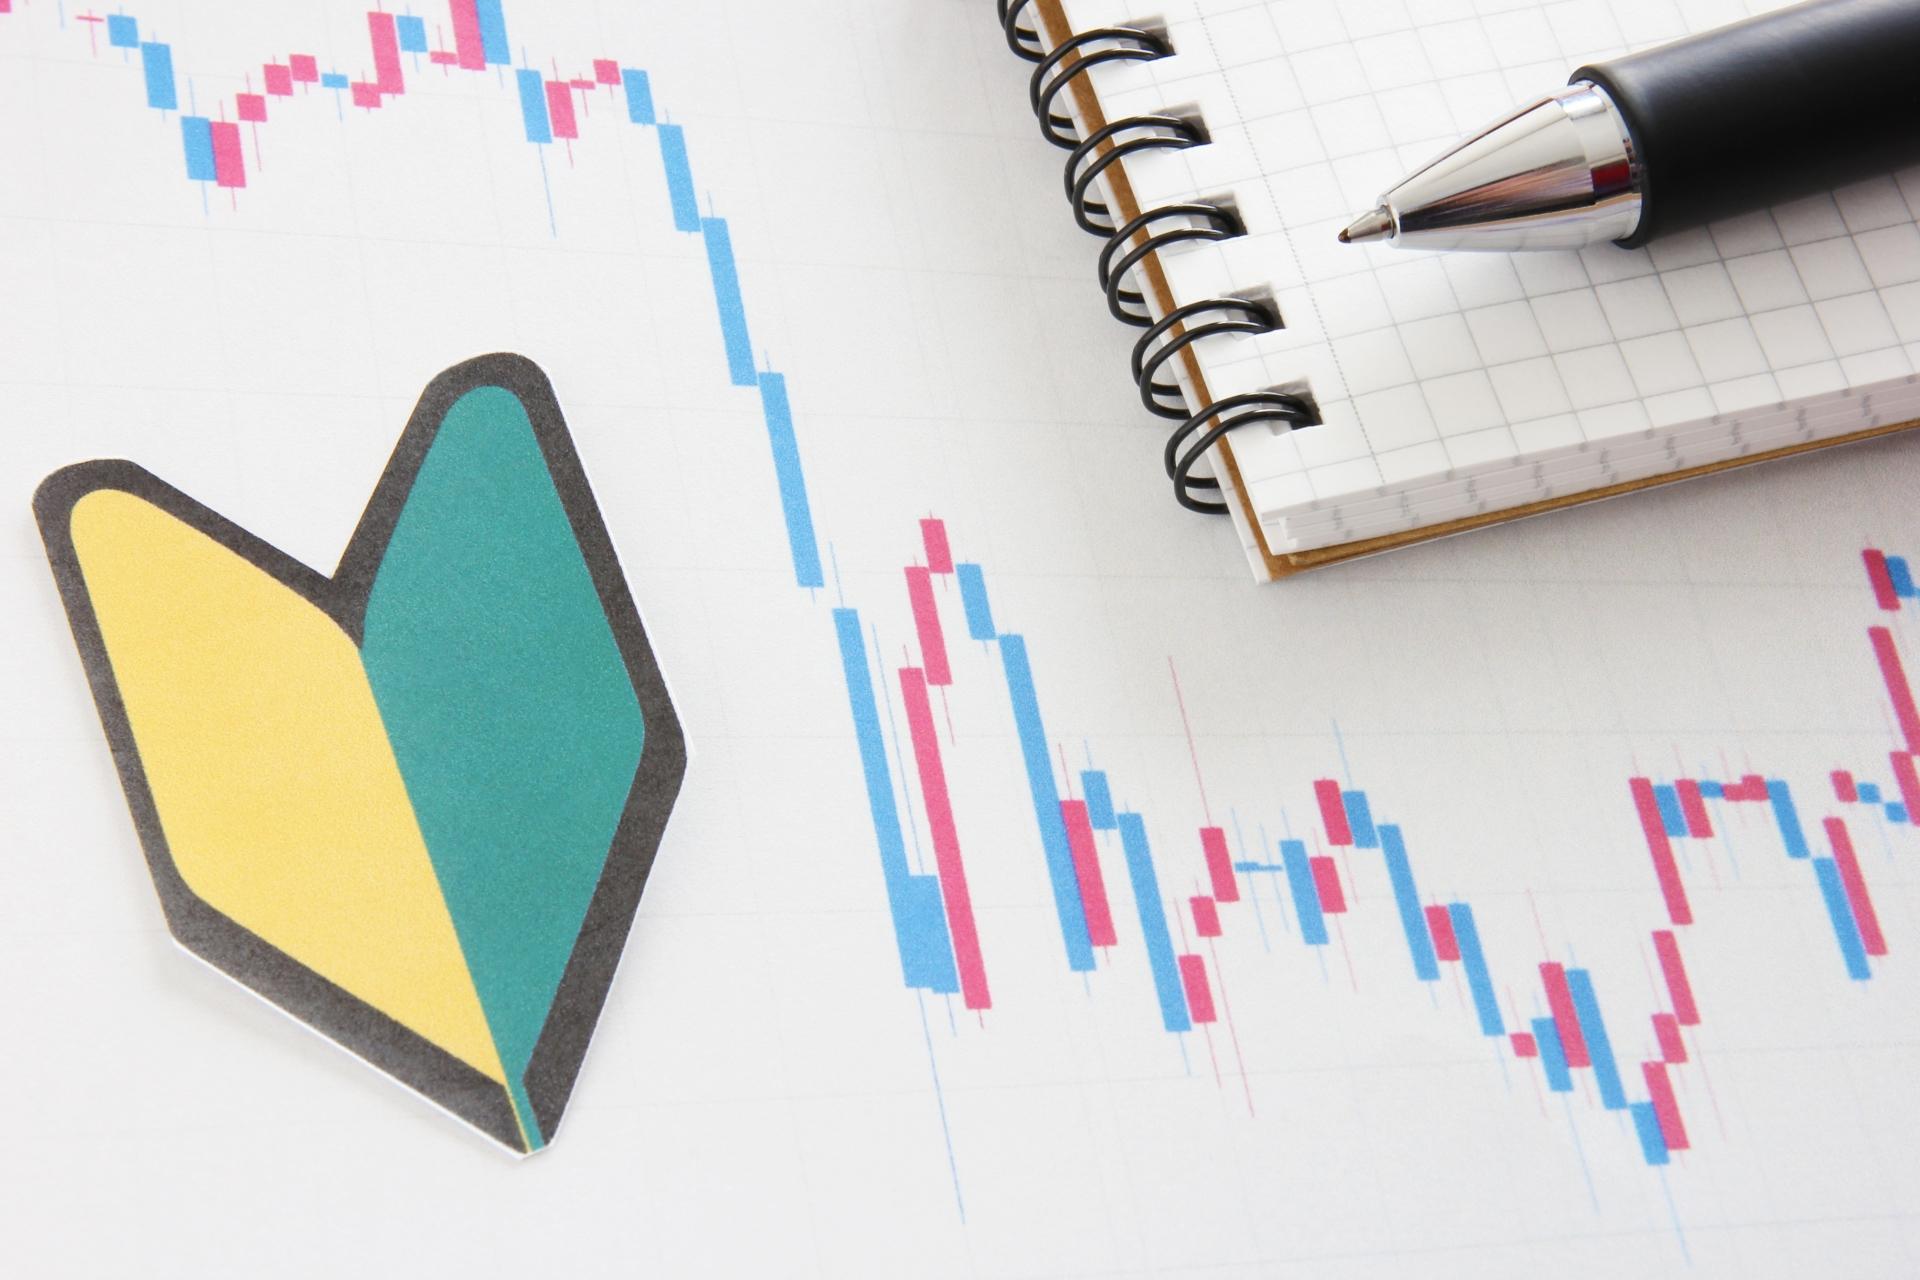 FXのフラッグ・ペナントのチャートパターンとは?判断基準や取引方法を解説